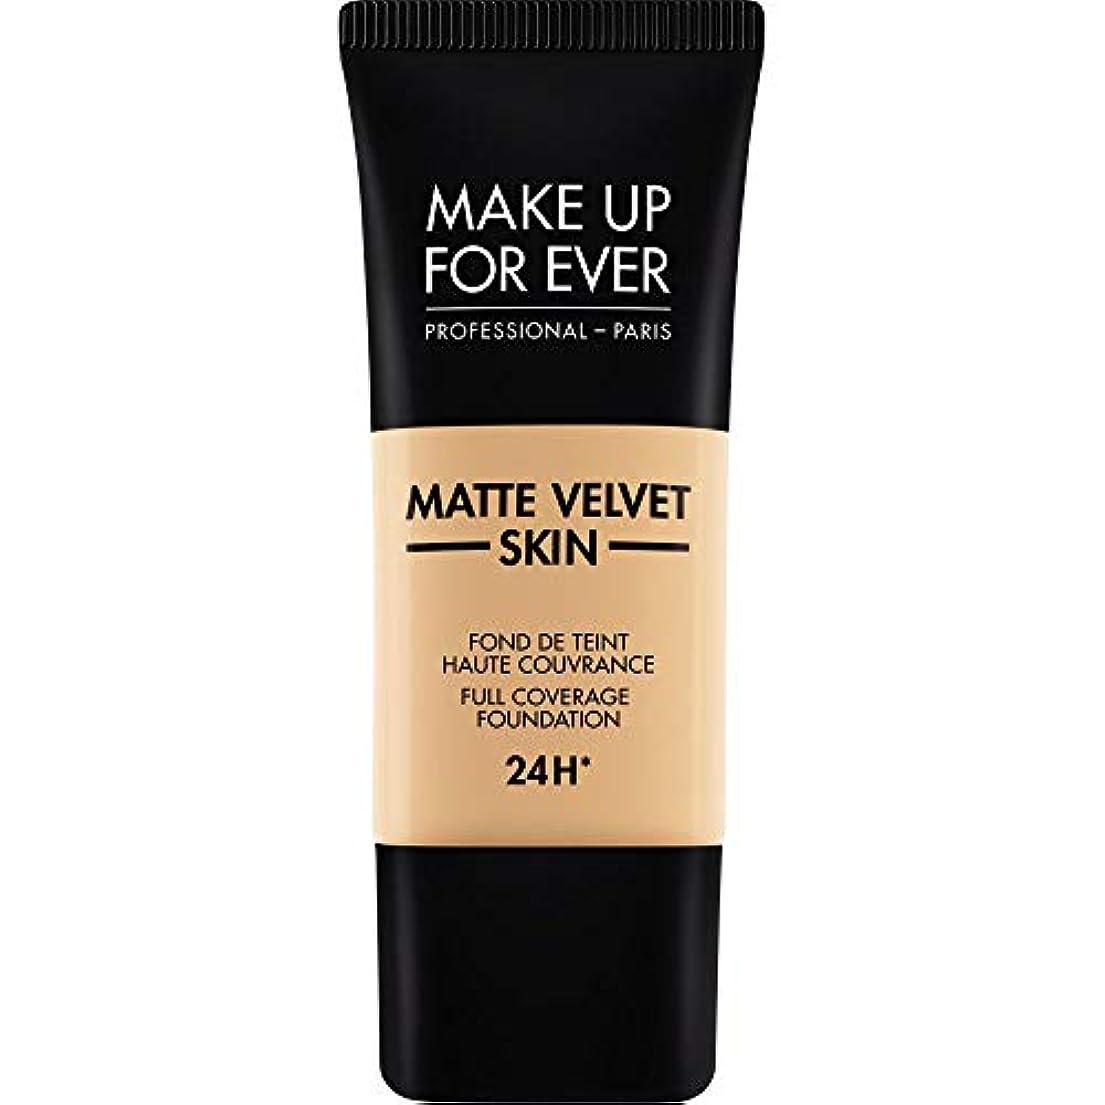 サラダ愛撫家事[MAKE UP FOR EVER ] 暗い砂 - これまでマットベルベットの皮膚のフルカバレッジ基礎30ミリリットルのY335を補います - MAKE UP FOR EVER Matte Velvet Skin Full...